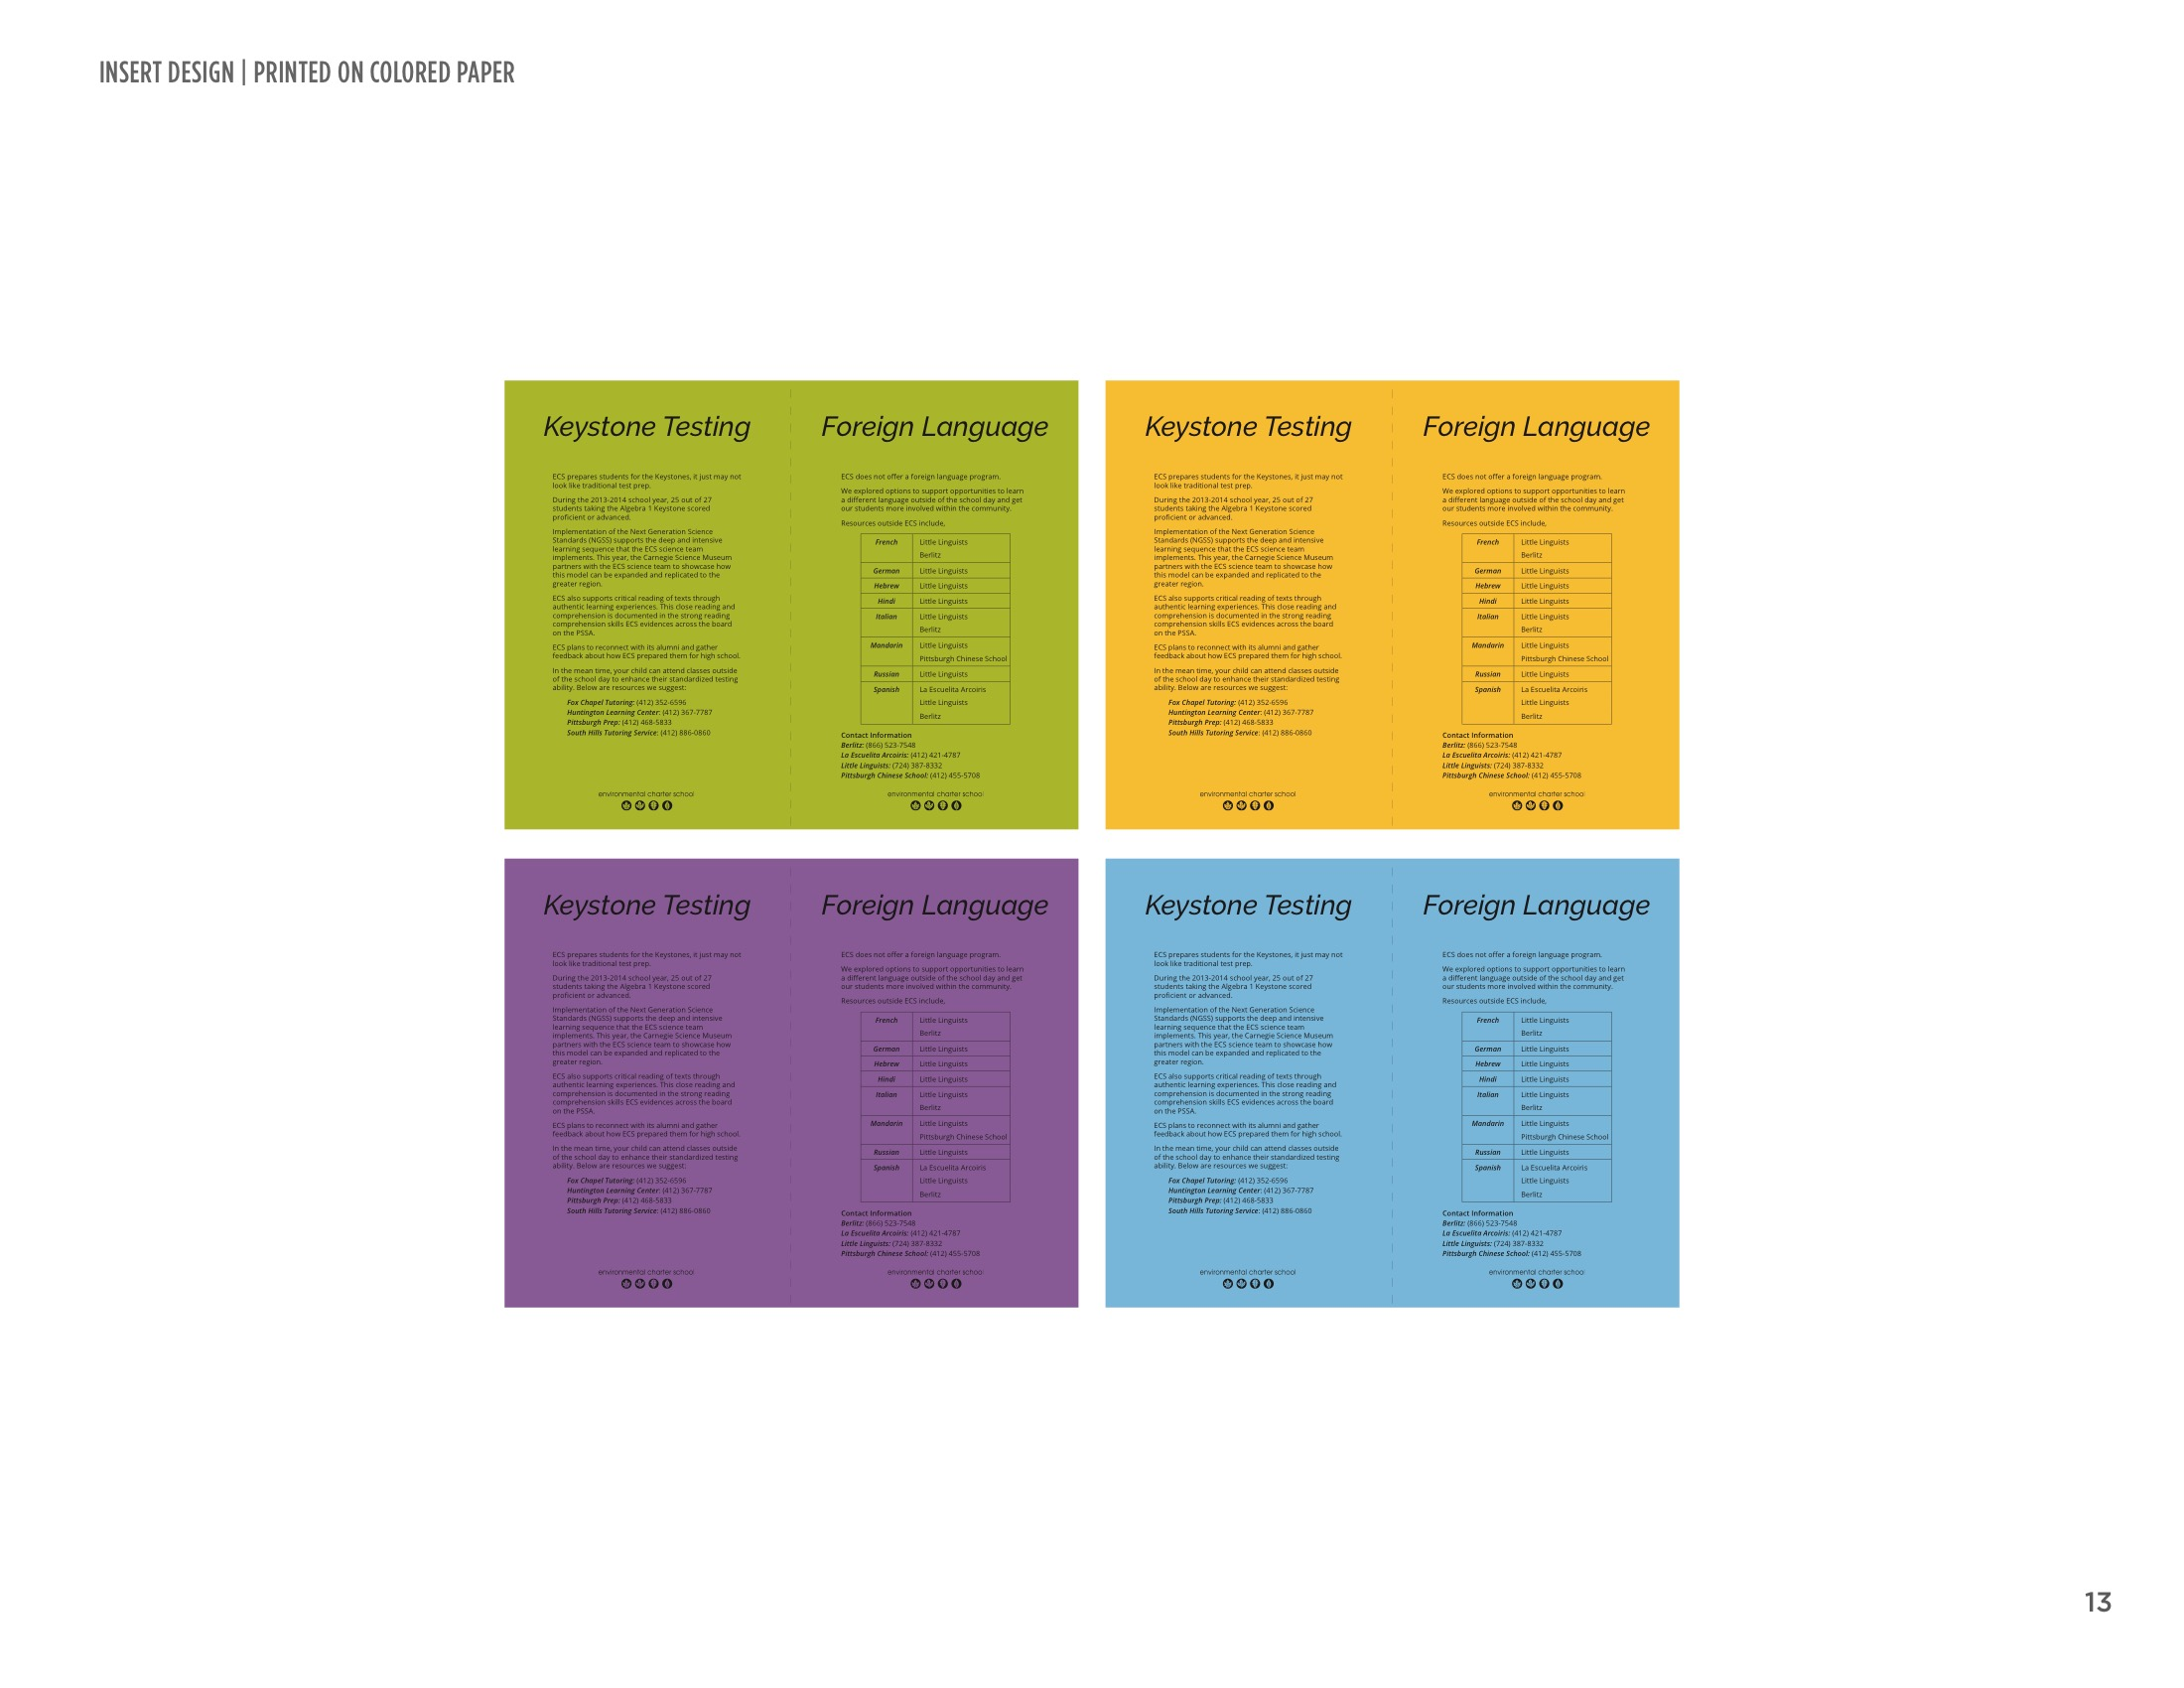 ECS_DesignDecisions 13-13.jpeg